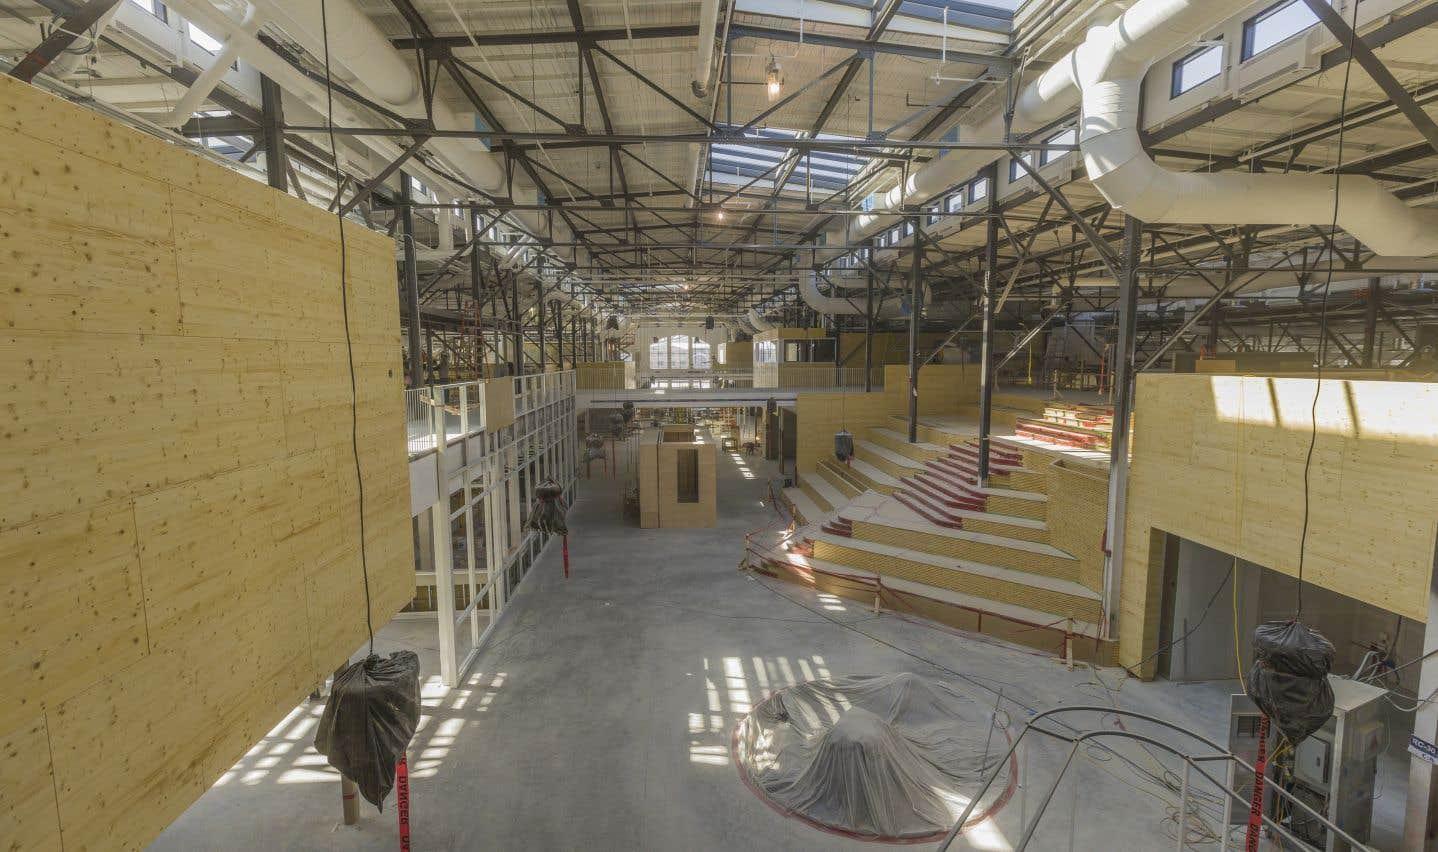 Le futur marché a été construit dans l'ancien Pavillon du commerce d'Expo-Cité qui avait été construit en 1923 sous le modèle des Halles répandu en Europe. À l'époque de sa construction, le recours à l'électricité n'était pas répandu et on misait beaucoup sur la lumière naturelle pour éclairer — notamment dans le toit — ce qui a été préservé dans le marché actuel.